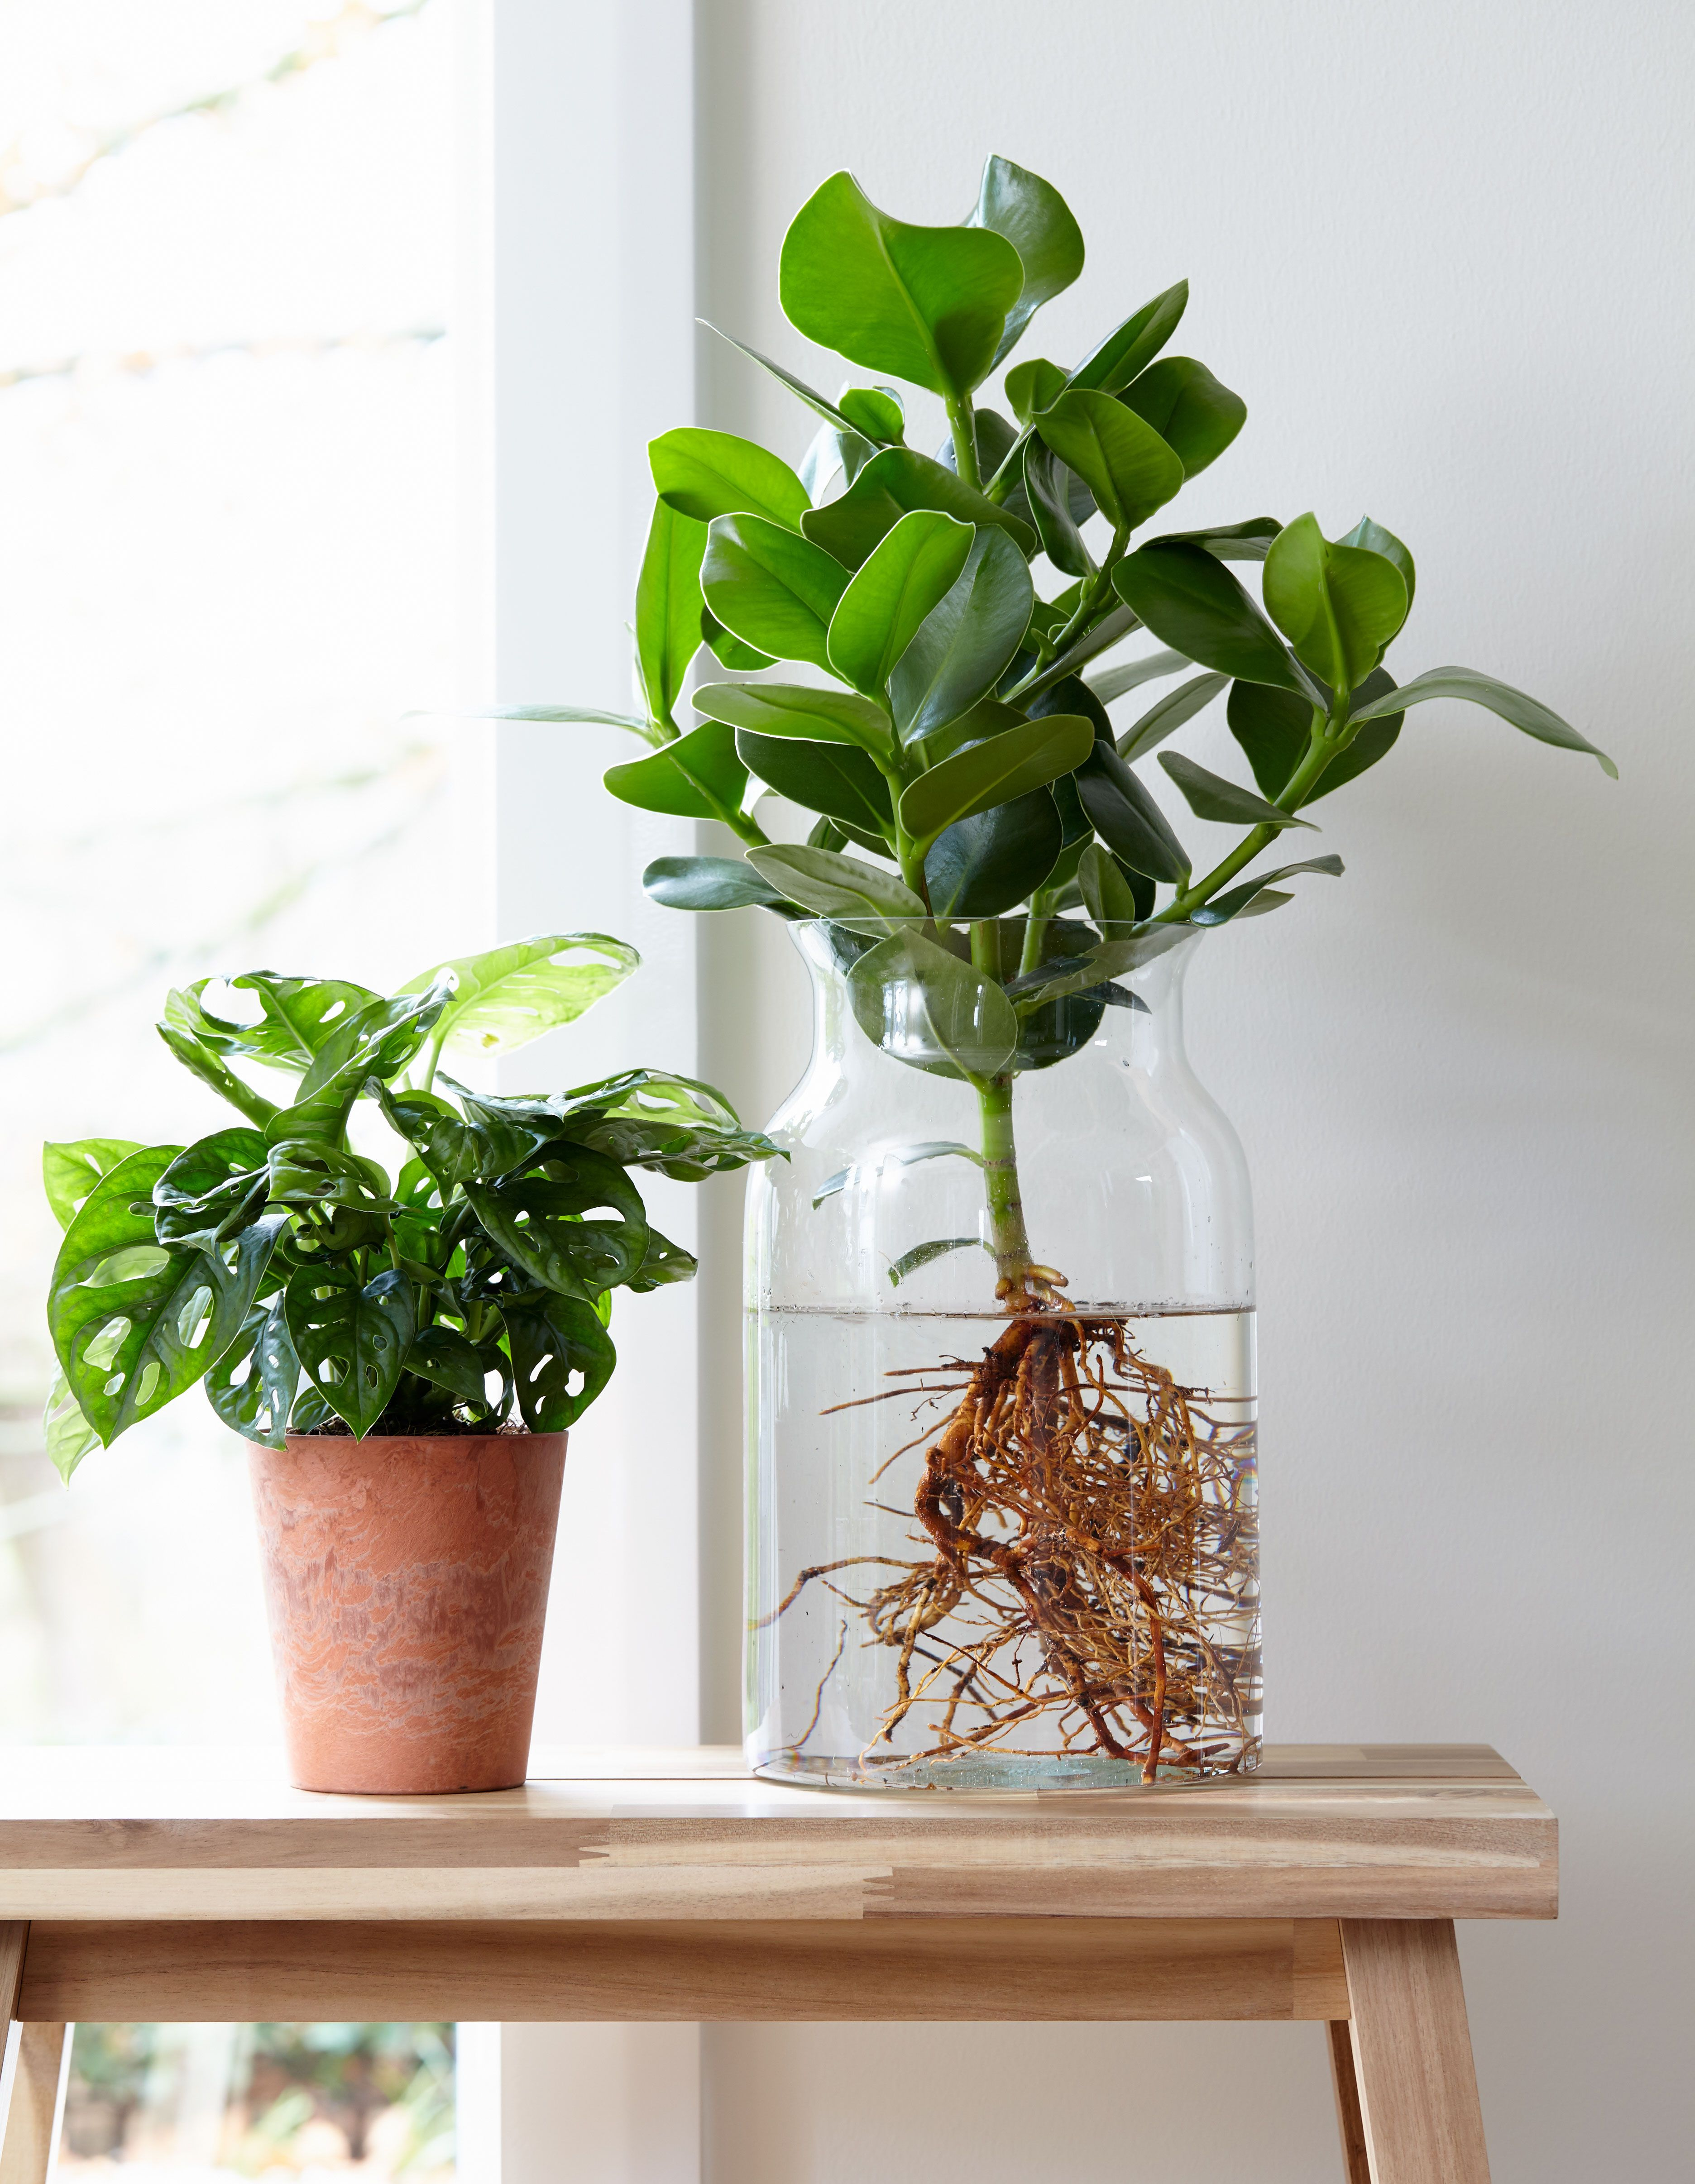 neuester trend anthurie im wasser f r mehr tipps zum. Black Bedroom Furniture Sets. Home Design Ideas